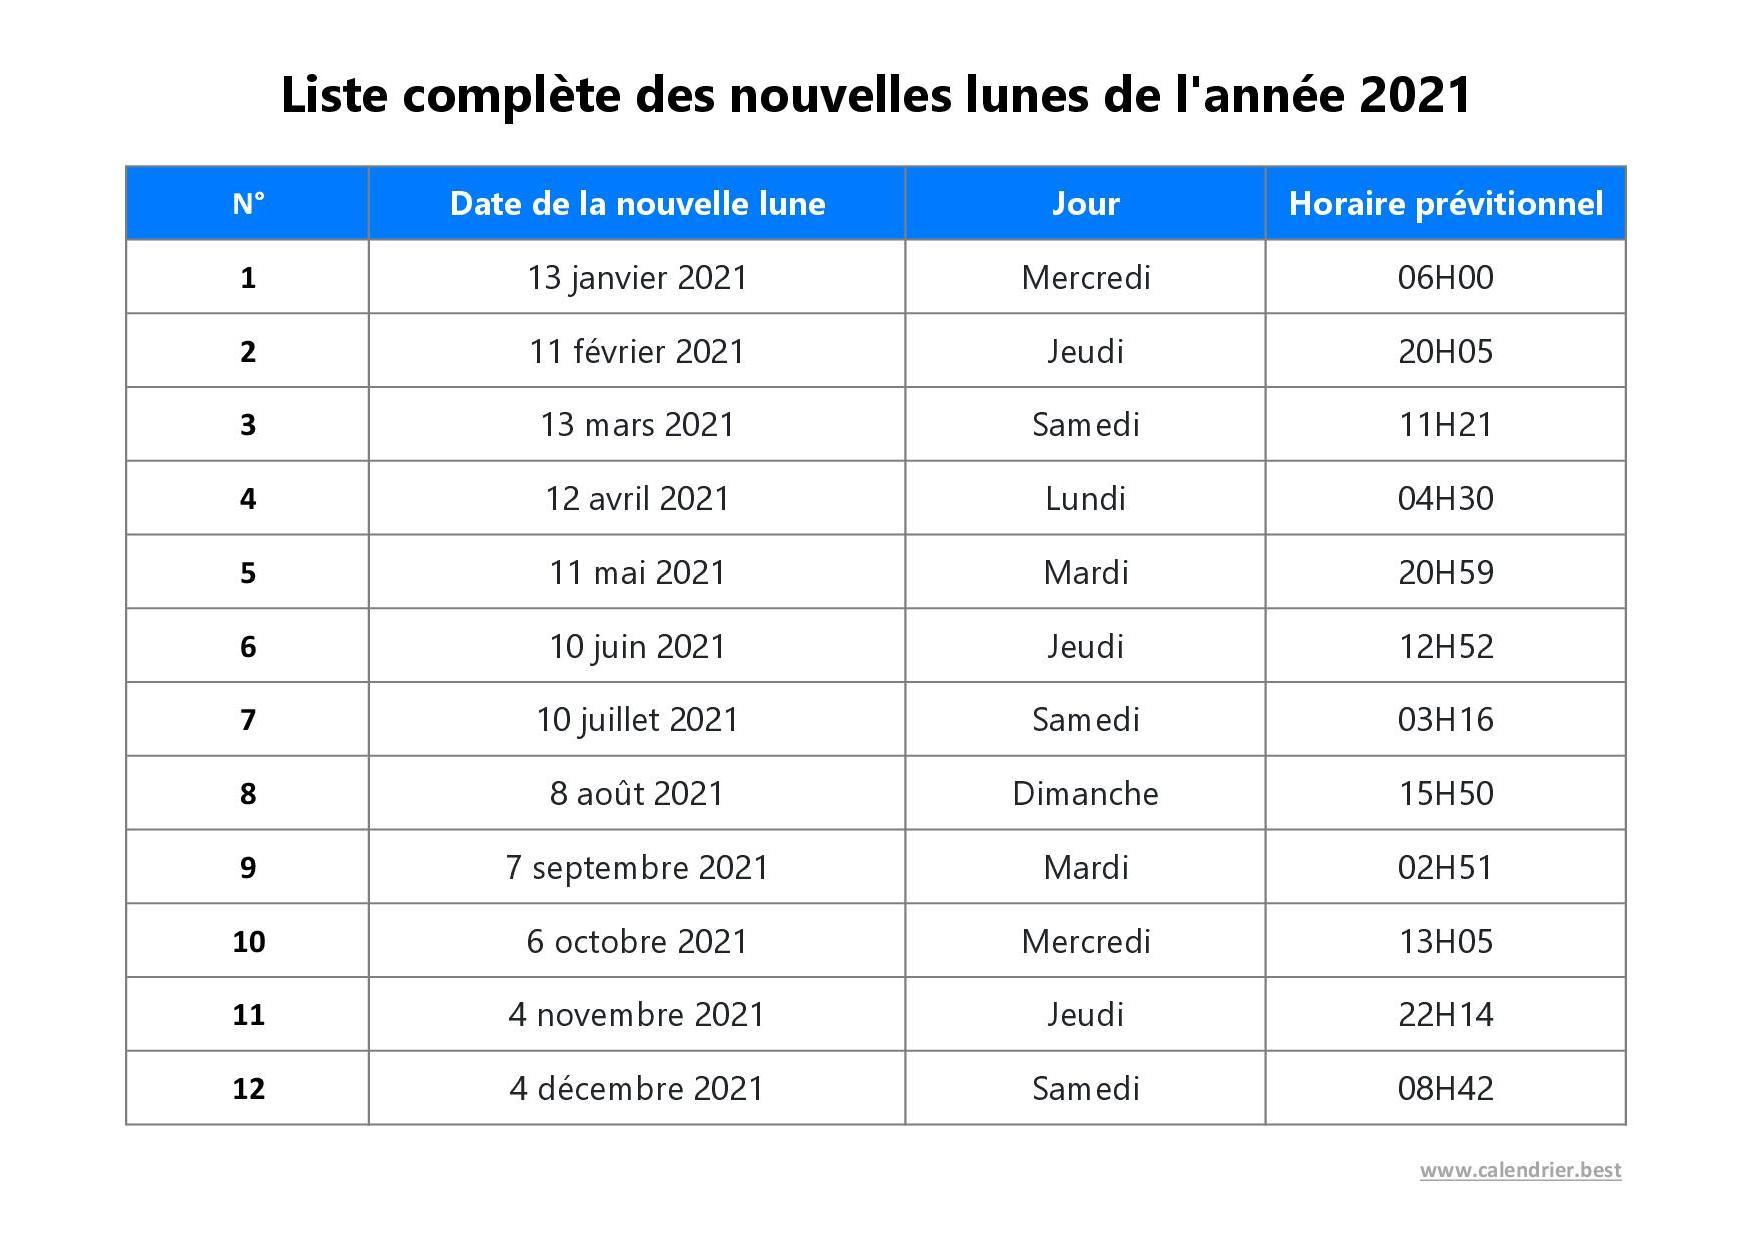 Calendrier Lunaire Davril 2022 Calendrier des Nouvelles Lunes 2021 : Dates et horaires de toutes